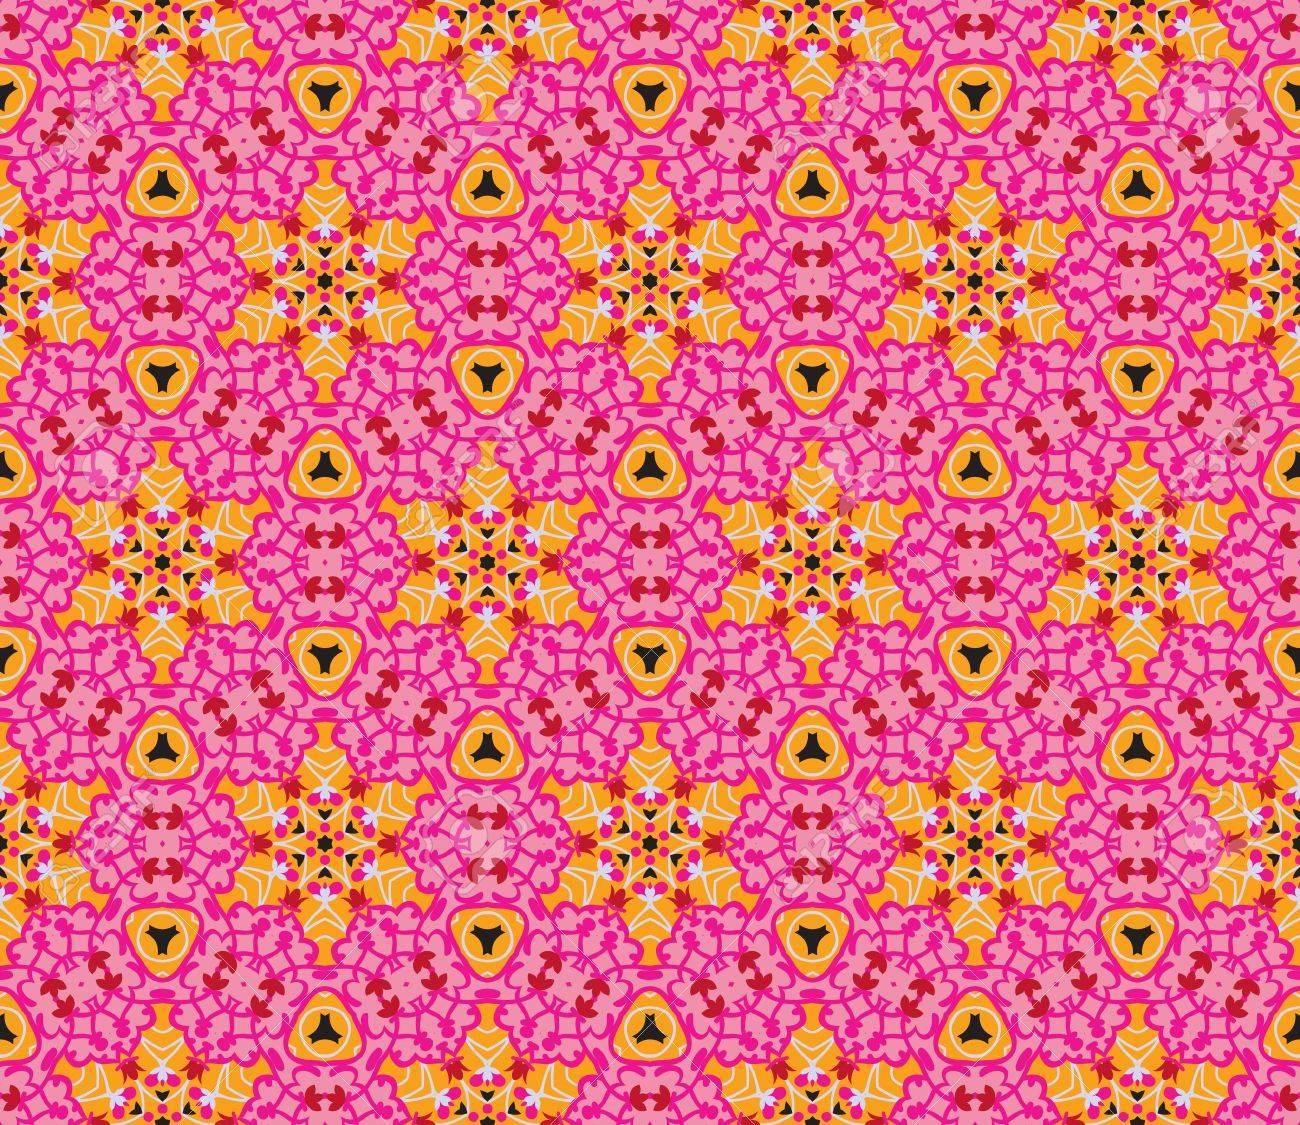 1649a9d7670 Naadloos patroon met abstracte bloemen en sterren in de kleuren roze, rood,  oranje en zwart